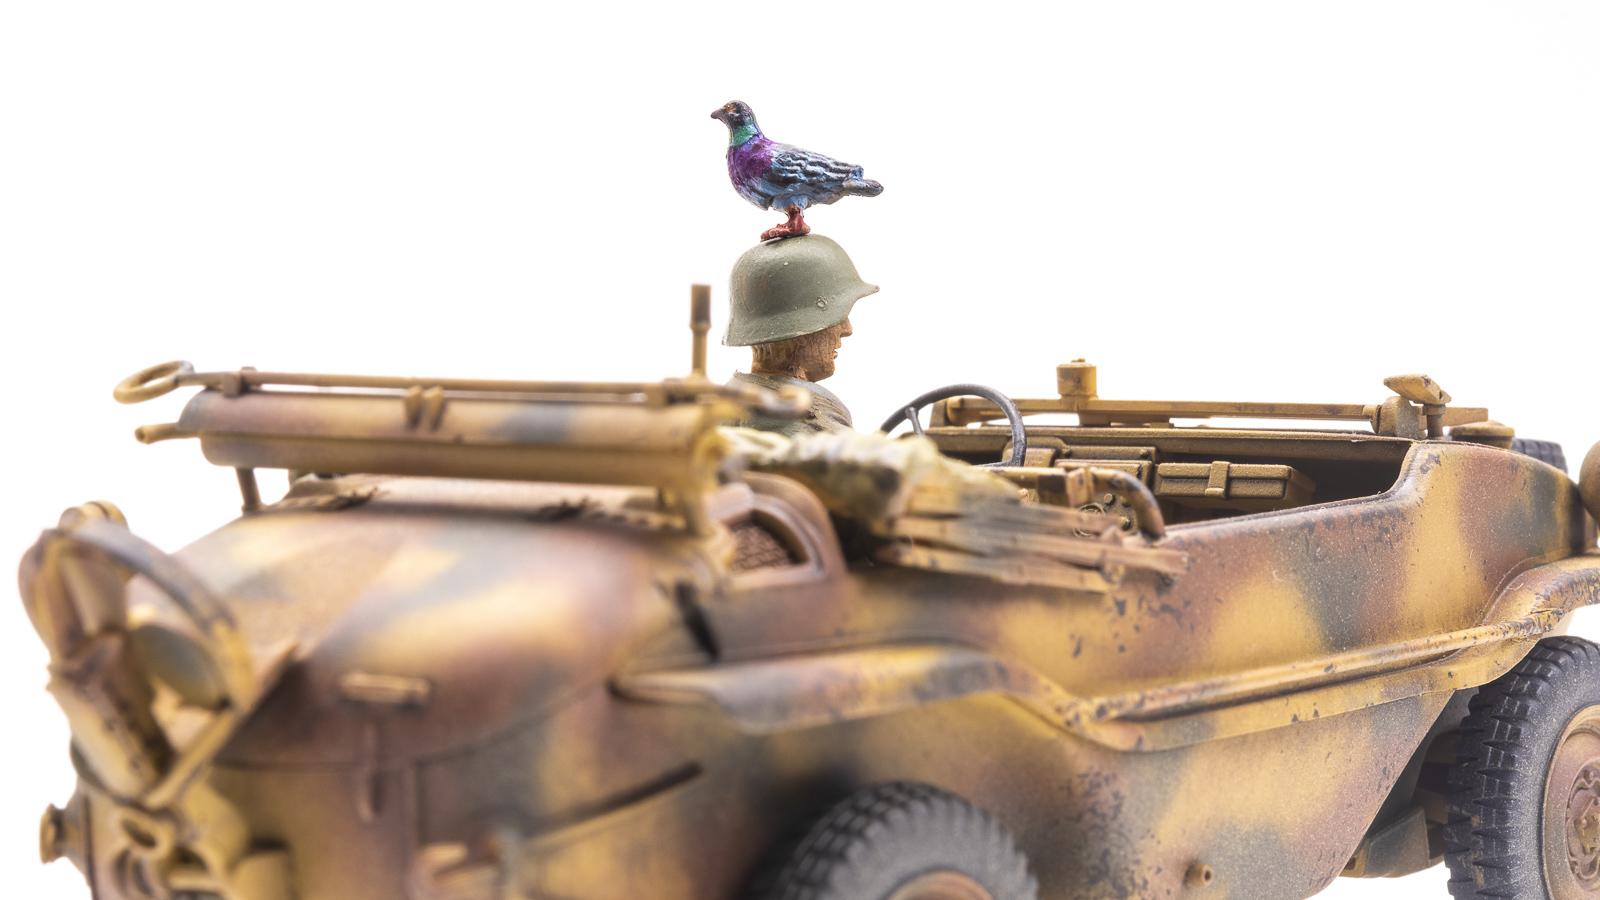 「鳩のプラモデル」のある土曜日。